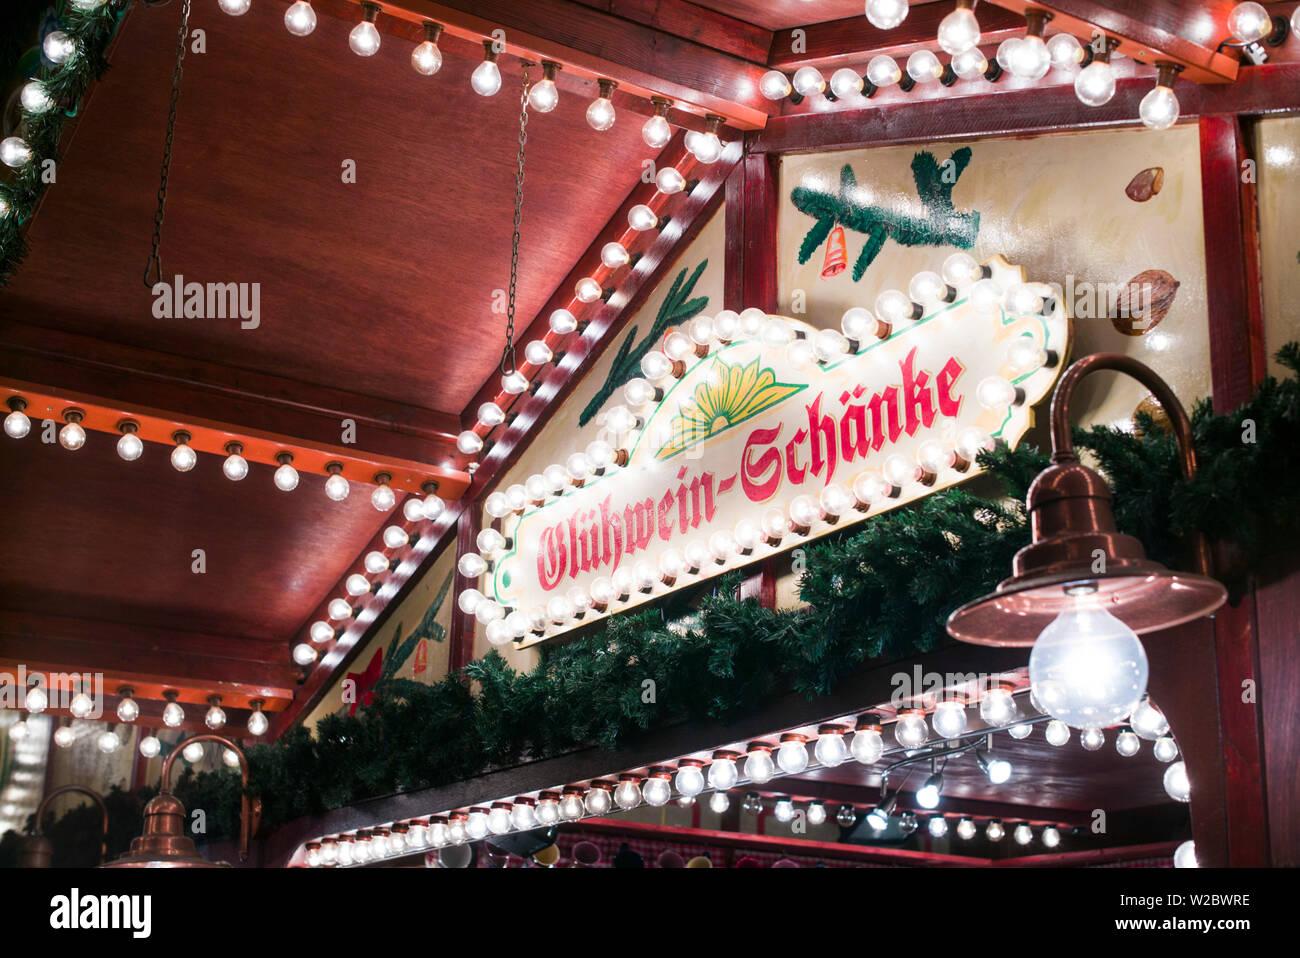 Deutschland, Berlin, Charlottenburg, Kurfurstendam, Stadt Weihnachtsmarkt melden für Glühwein bar, Verkauf von Glühwein Stockfoto